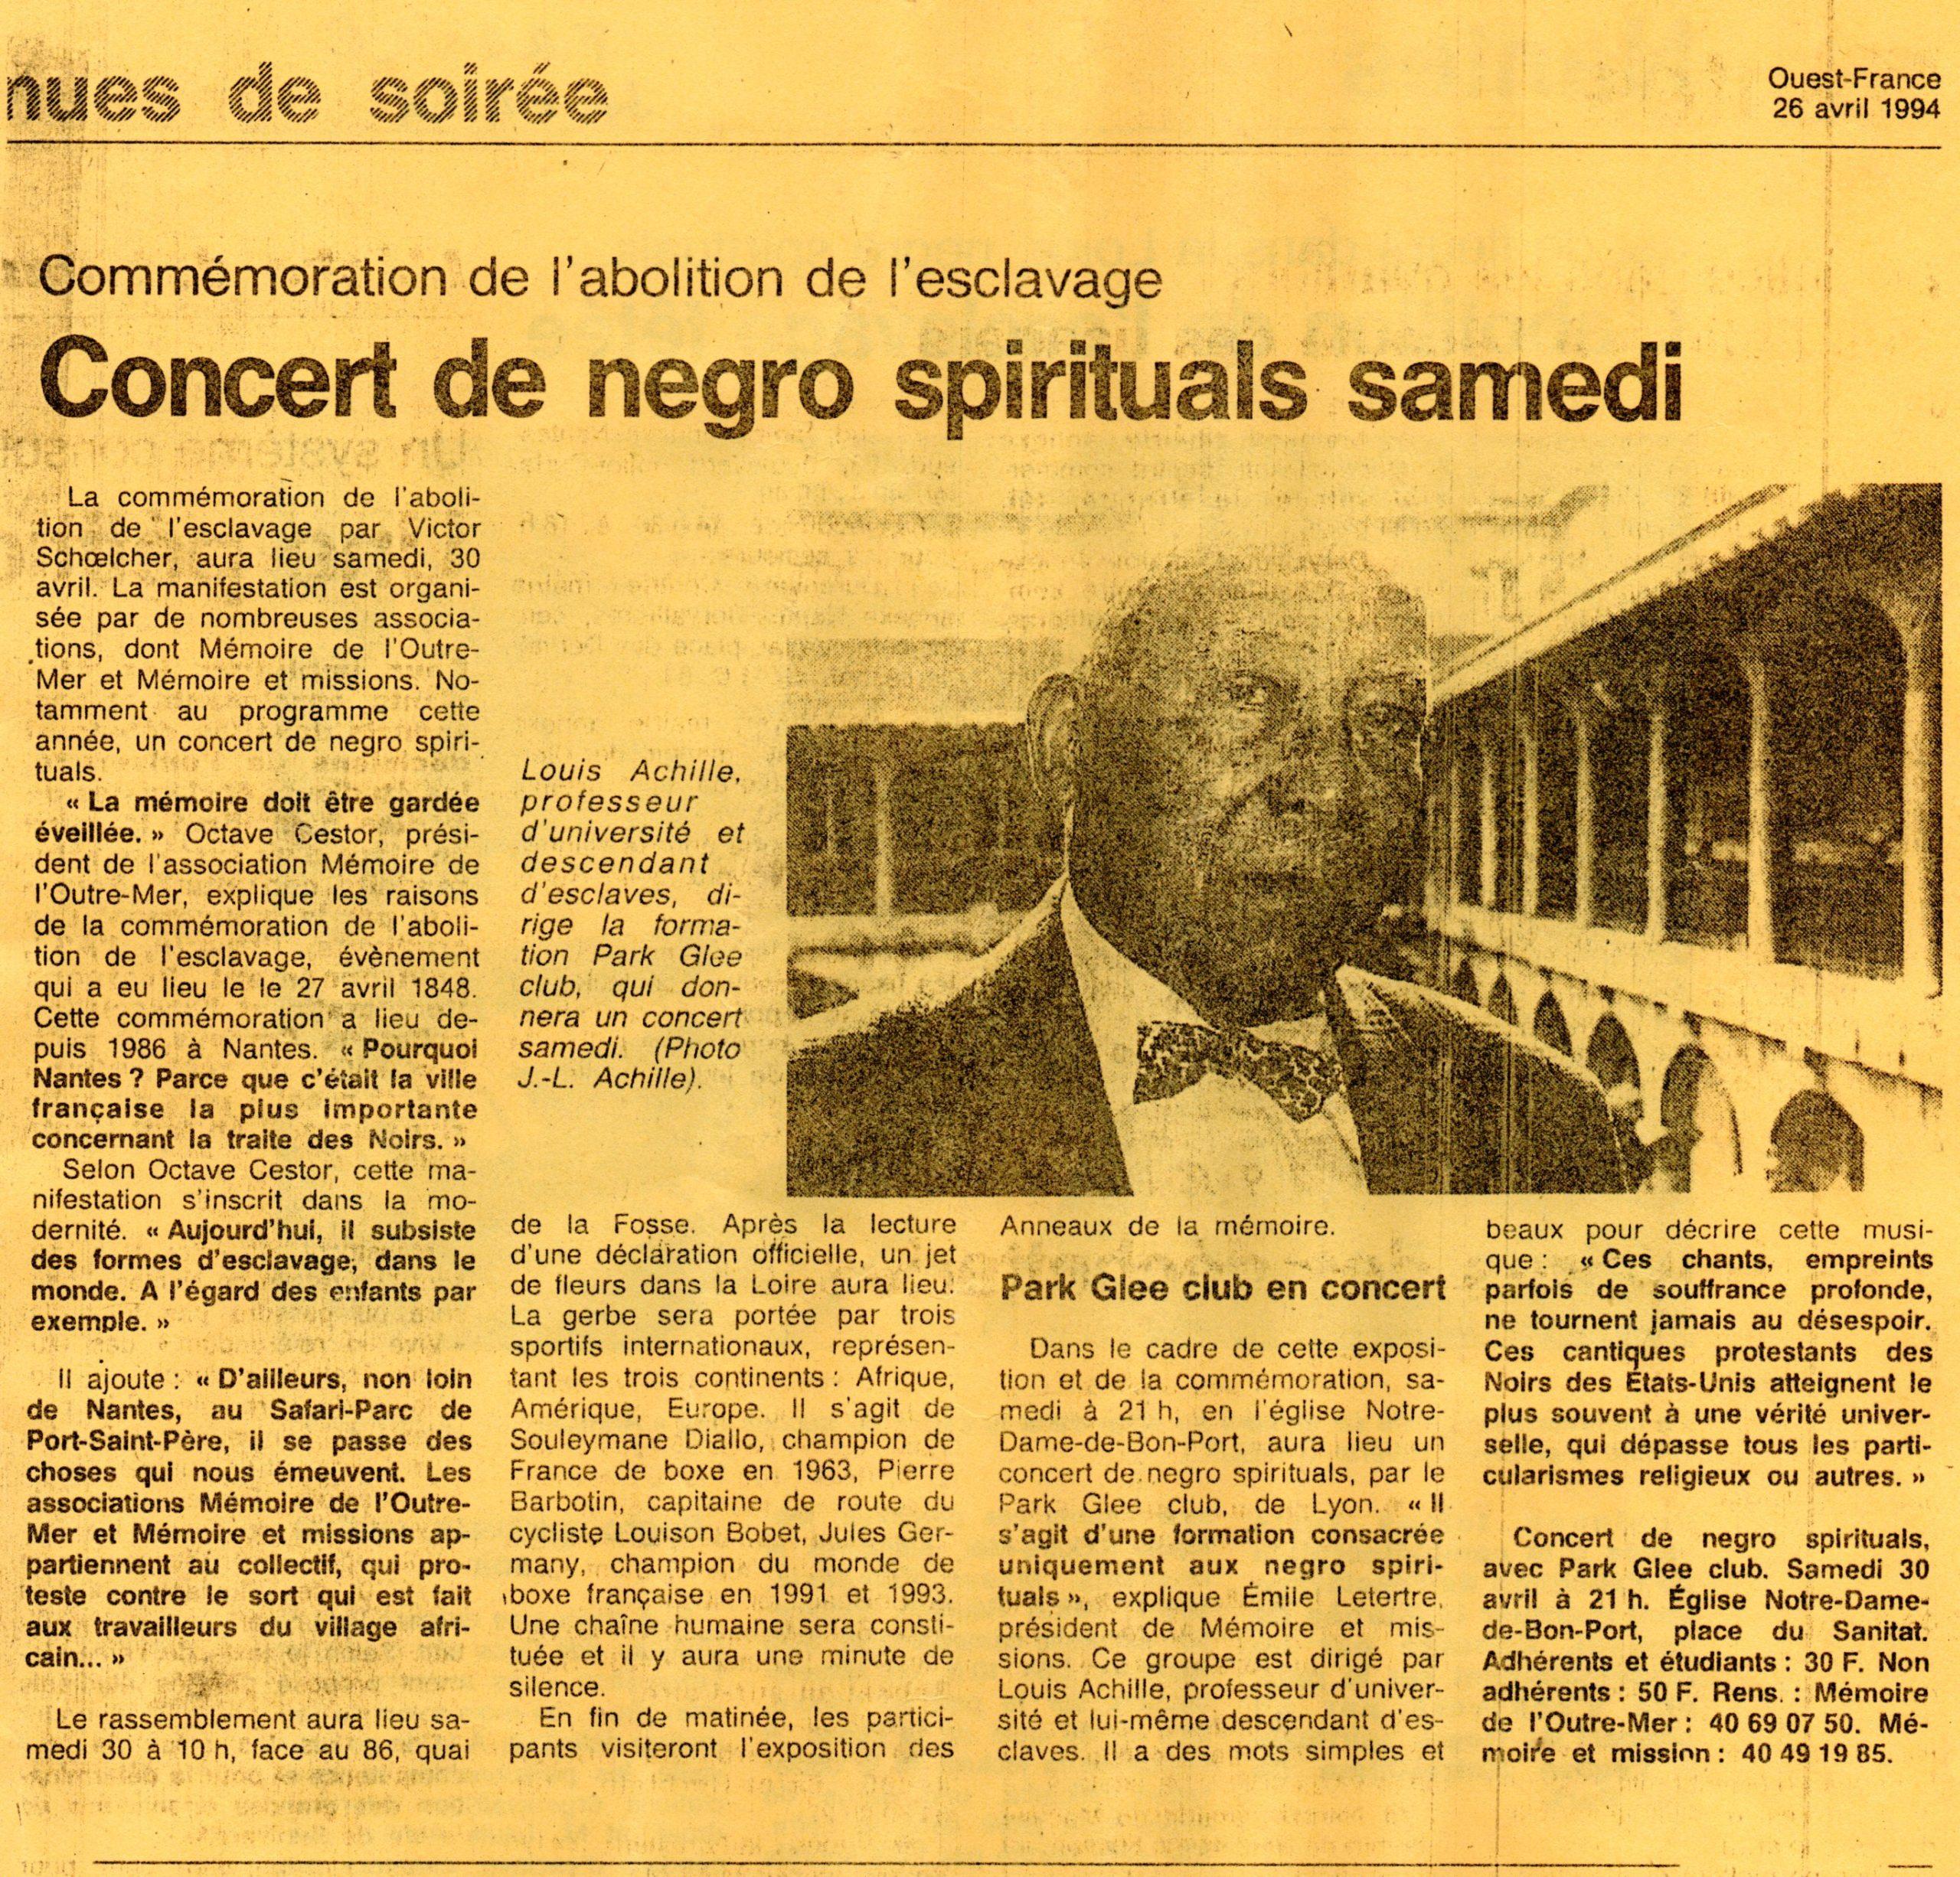 annonce presse du concert de Negro spirituals à Nantes avril 1994